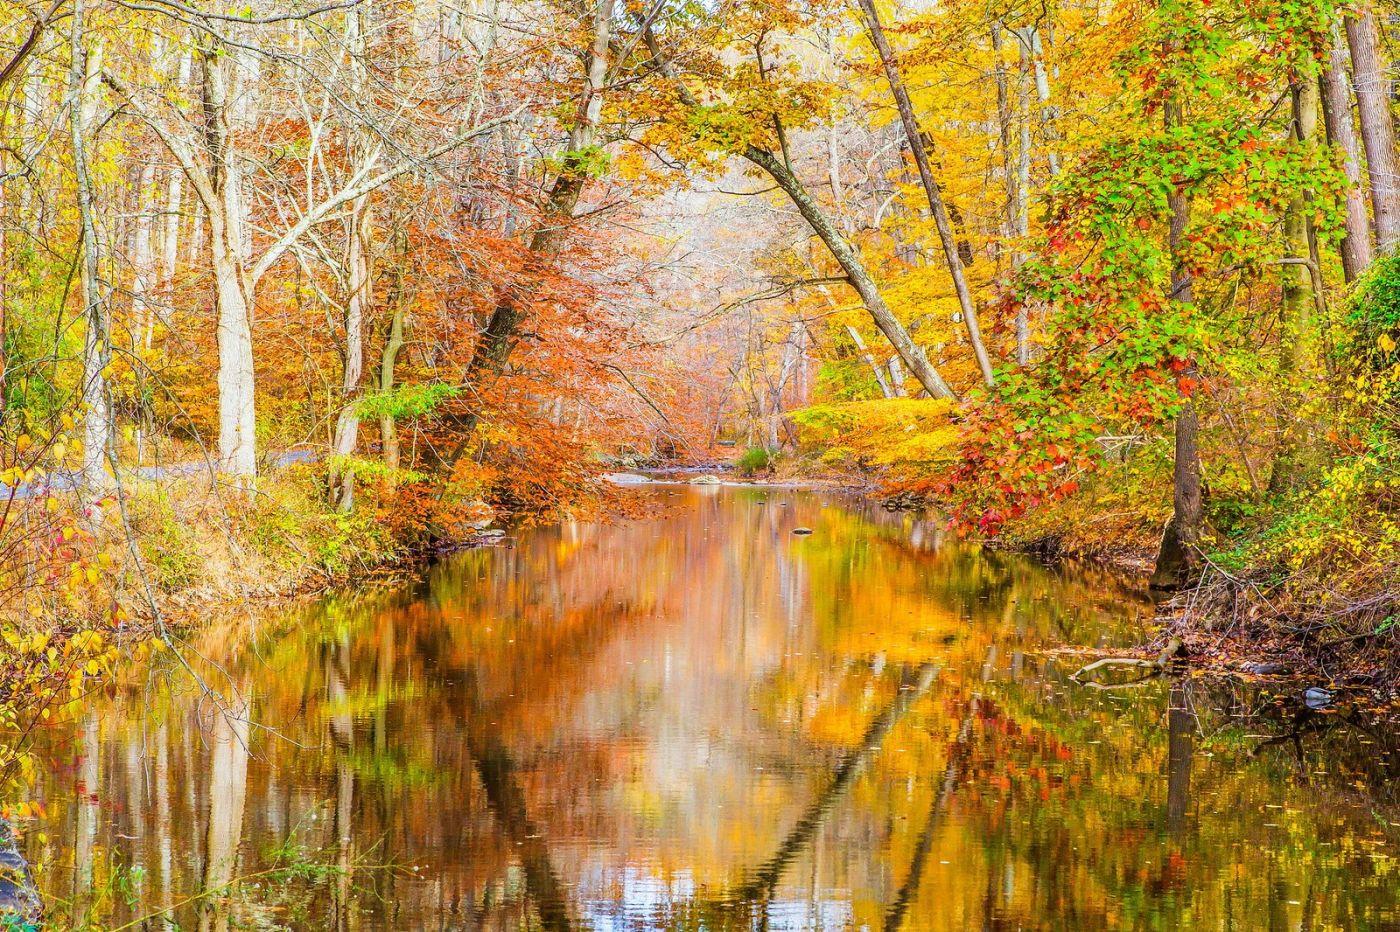 宾州雷德利克里克公园(Ridley creek park),迷人的秋色_图1-1